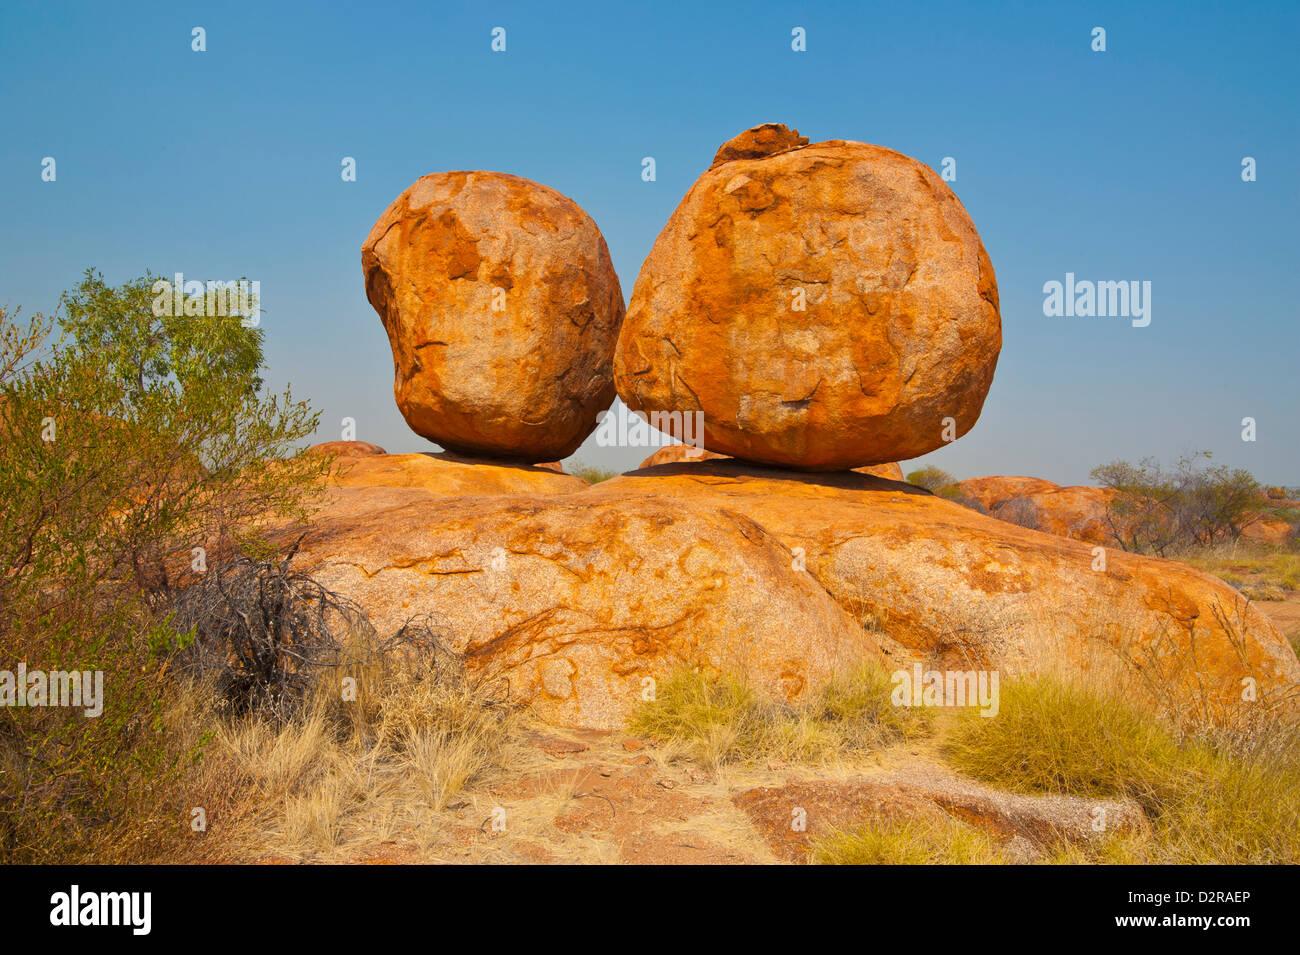 Massi di granito in Devil's marmi Conservation Reserve, Territorio del Nord, l'Australia, il Pacifico Immagini Stock